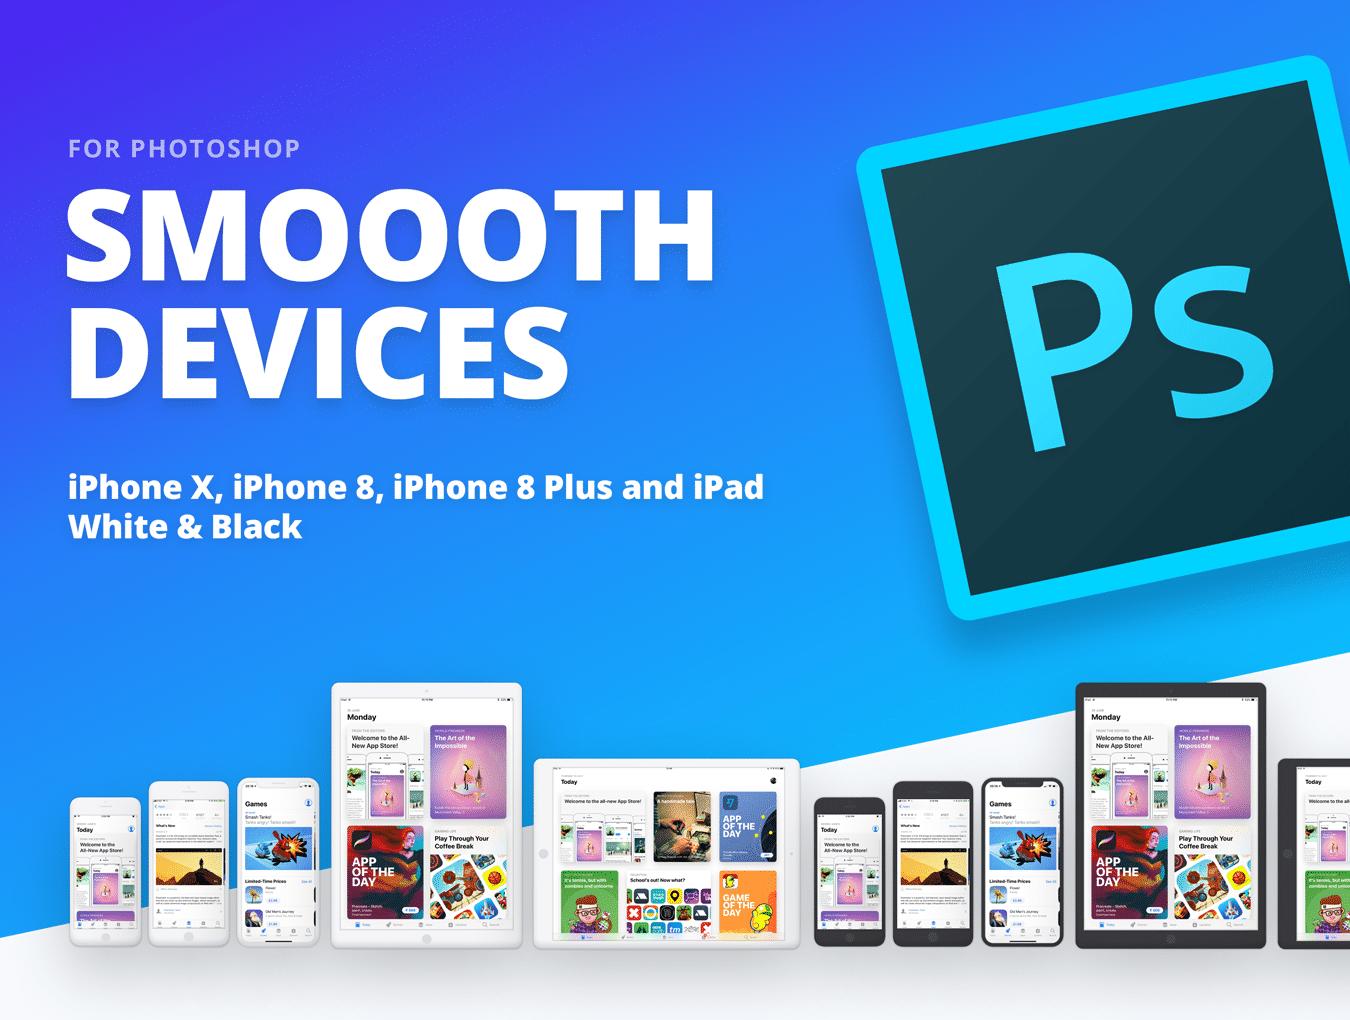 设计师必备的完美的UI设计作品展示模板套装[PSD,for iPhone X,iPhone 8,iPad等]插图